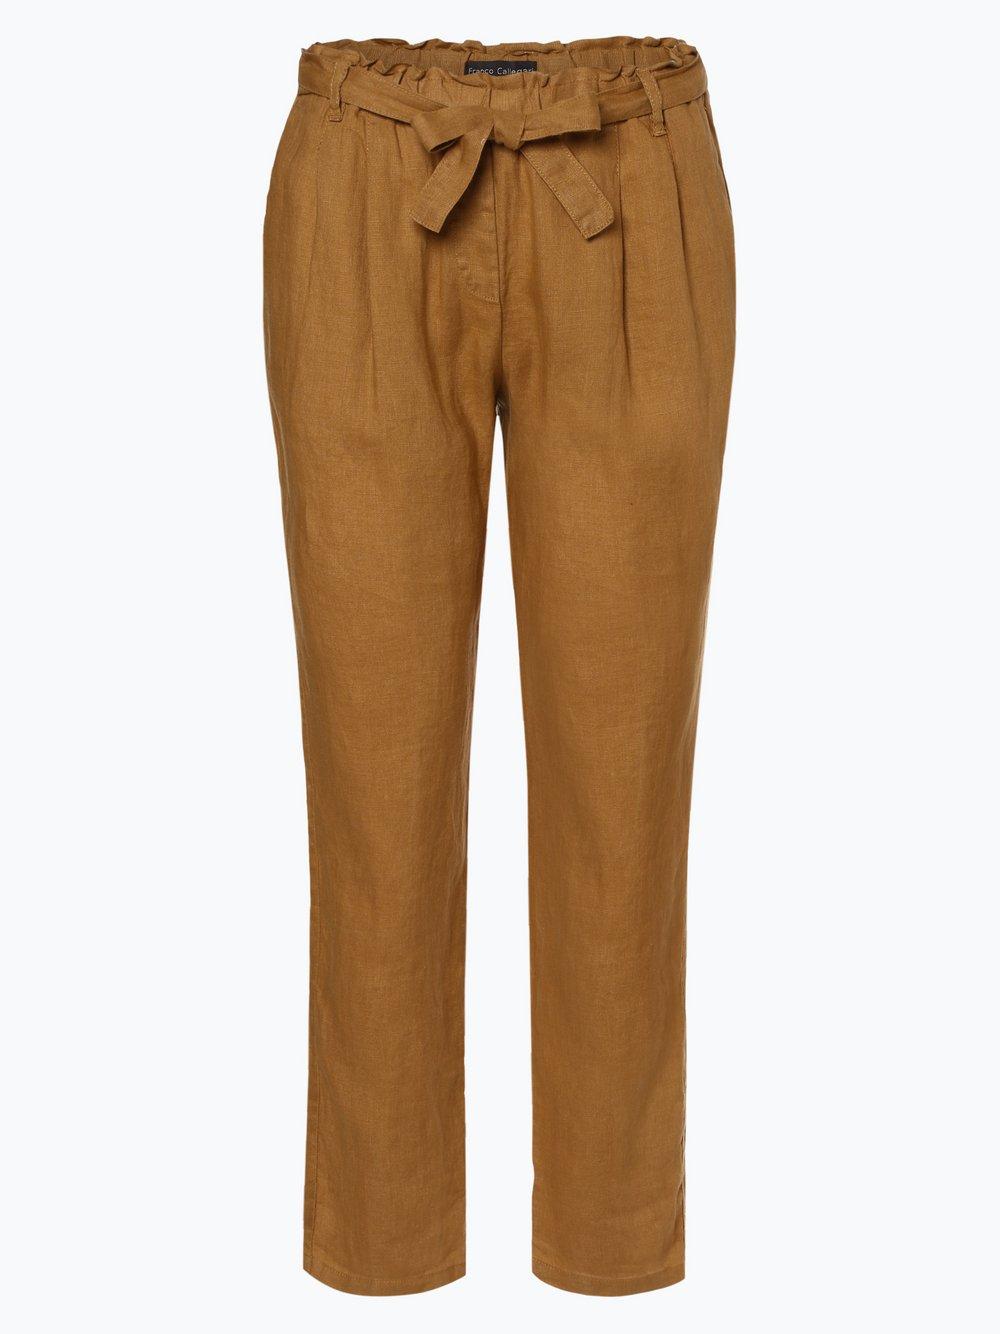 Franco Callegari - Damskie spodnie lniane, żółty